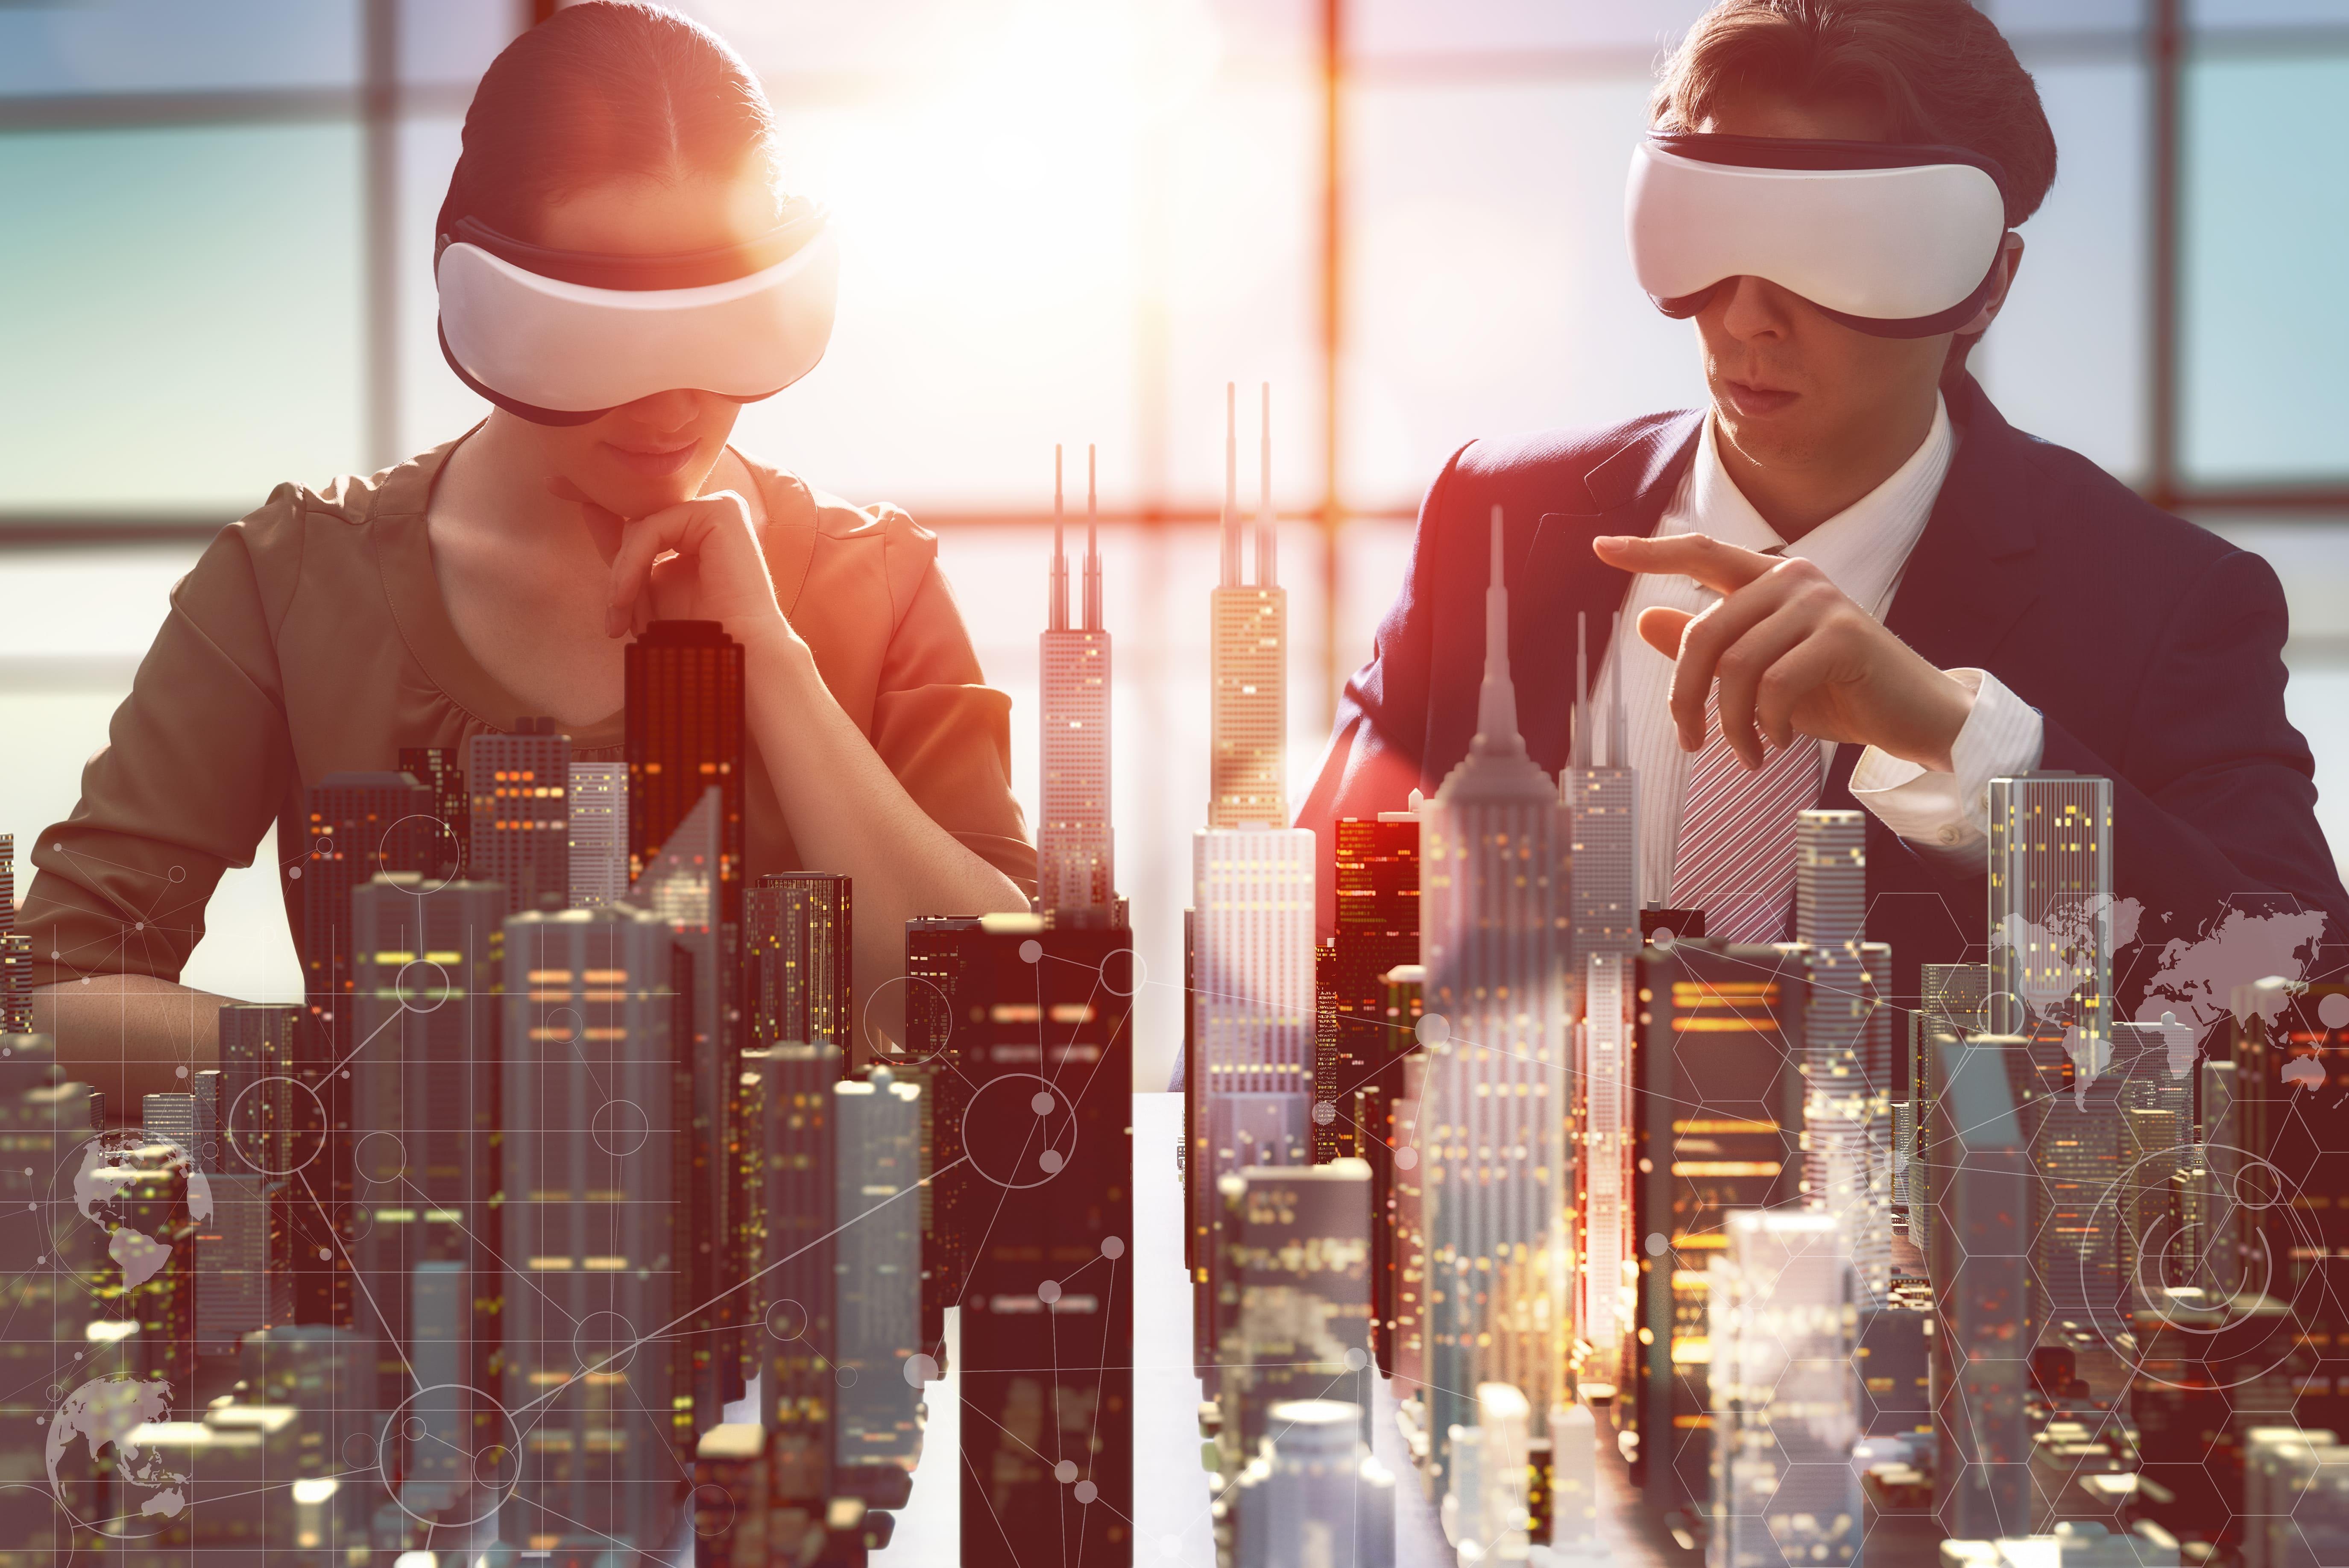 Imagem de duas pessoas tendo um treinamento com o óculos VR para remeter ao empreendedor que deseja abrir uma empresa de realidade virtual